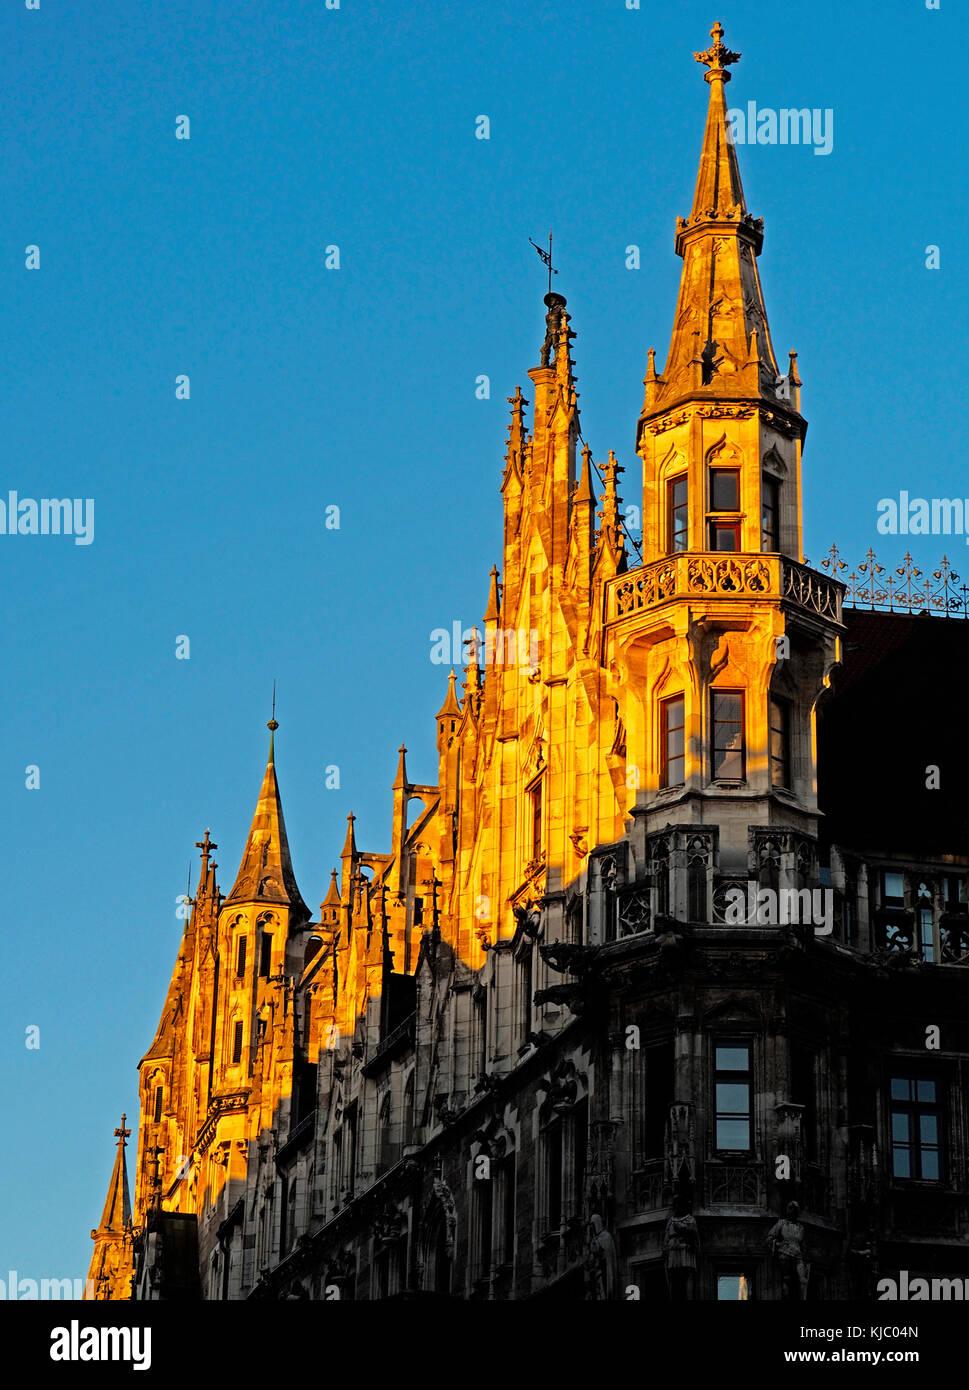 Neues Rathaus neugotischen Architektur in der Marienplatz in München. Stockbild